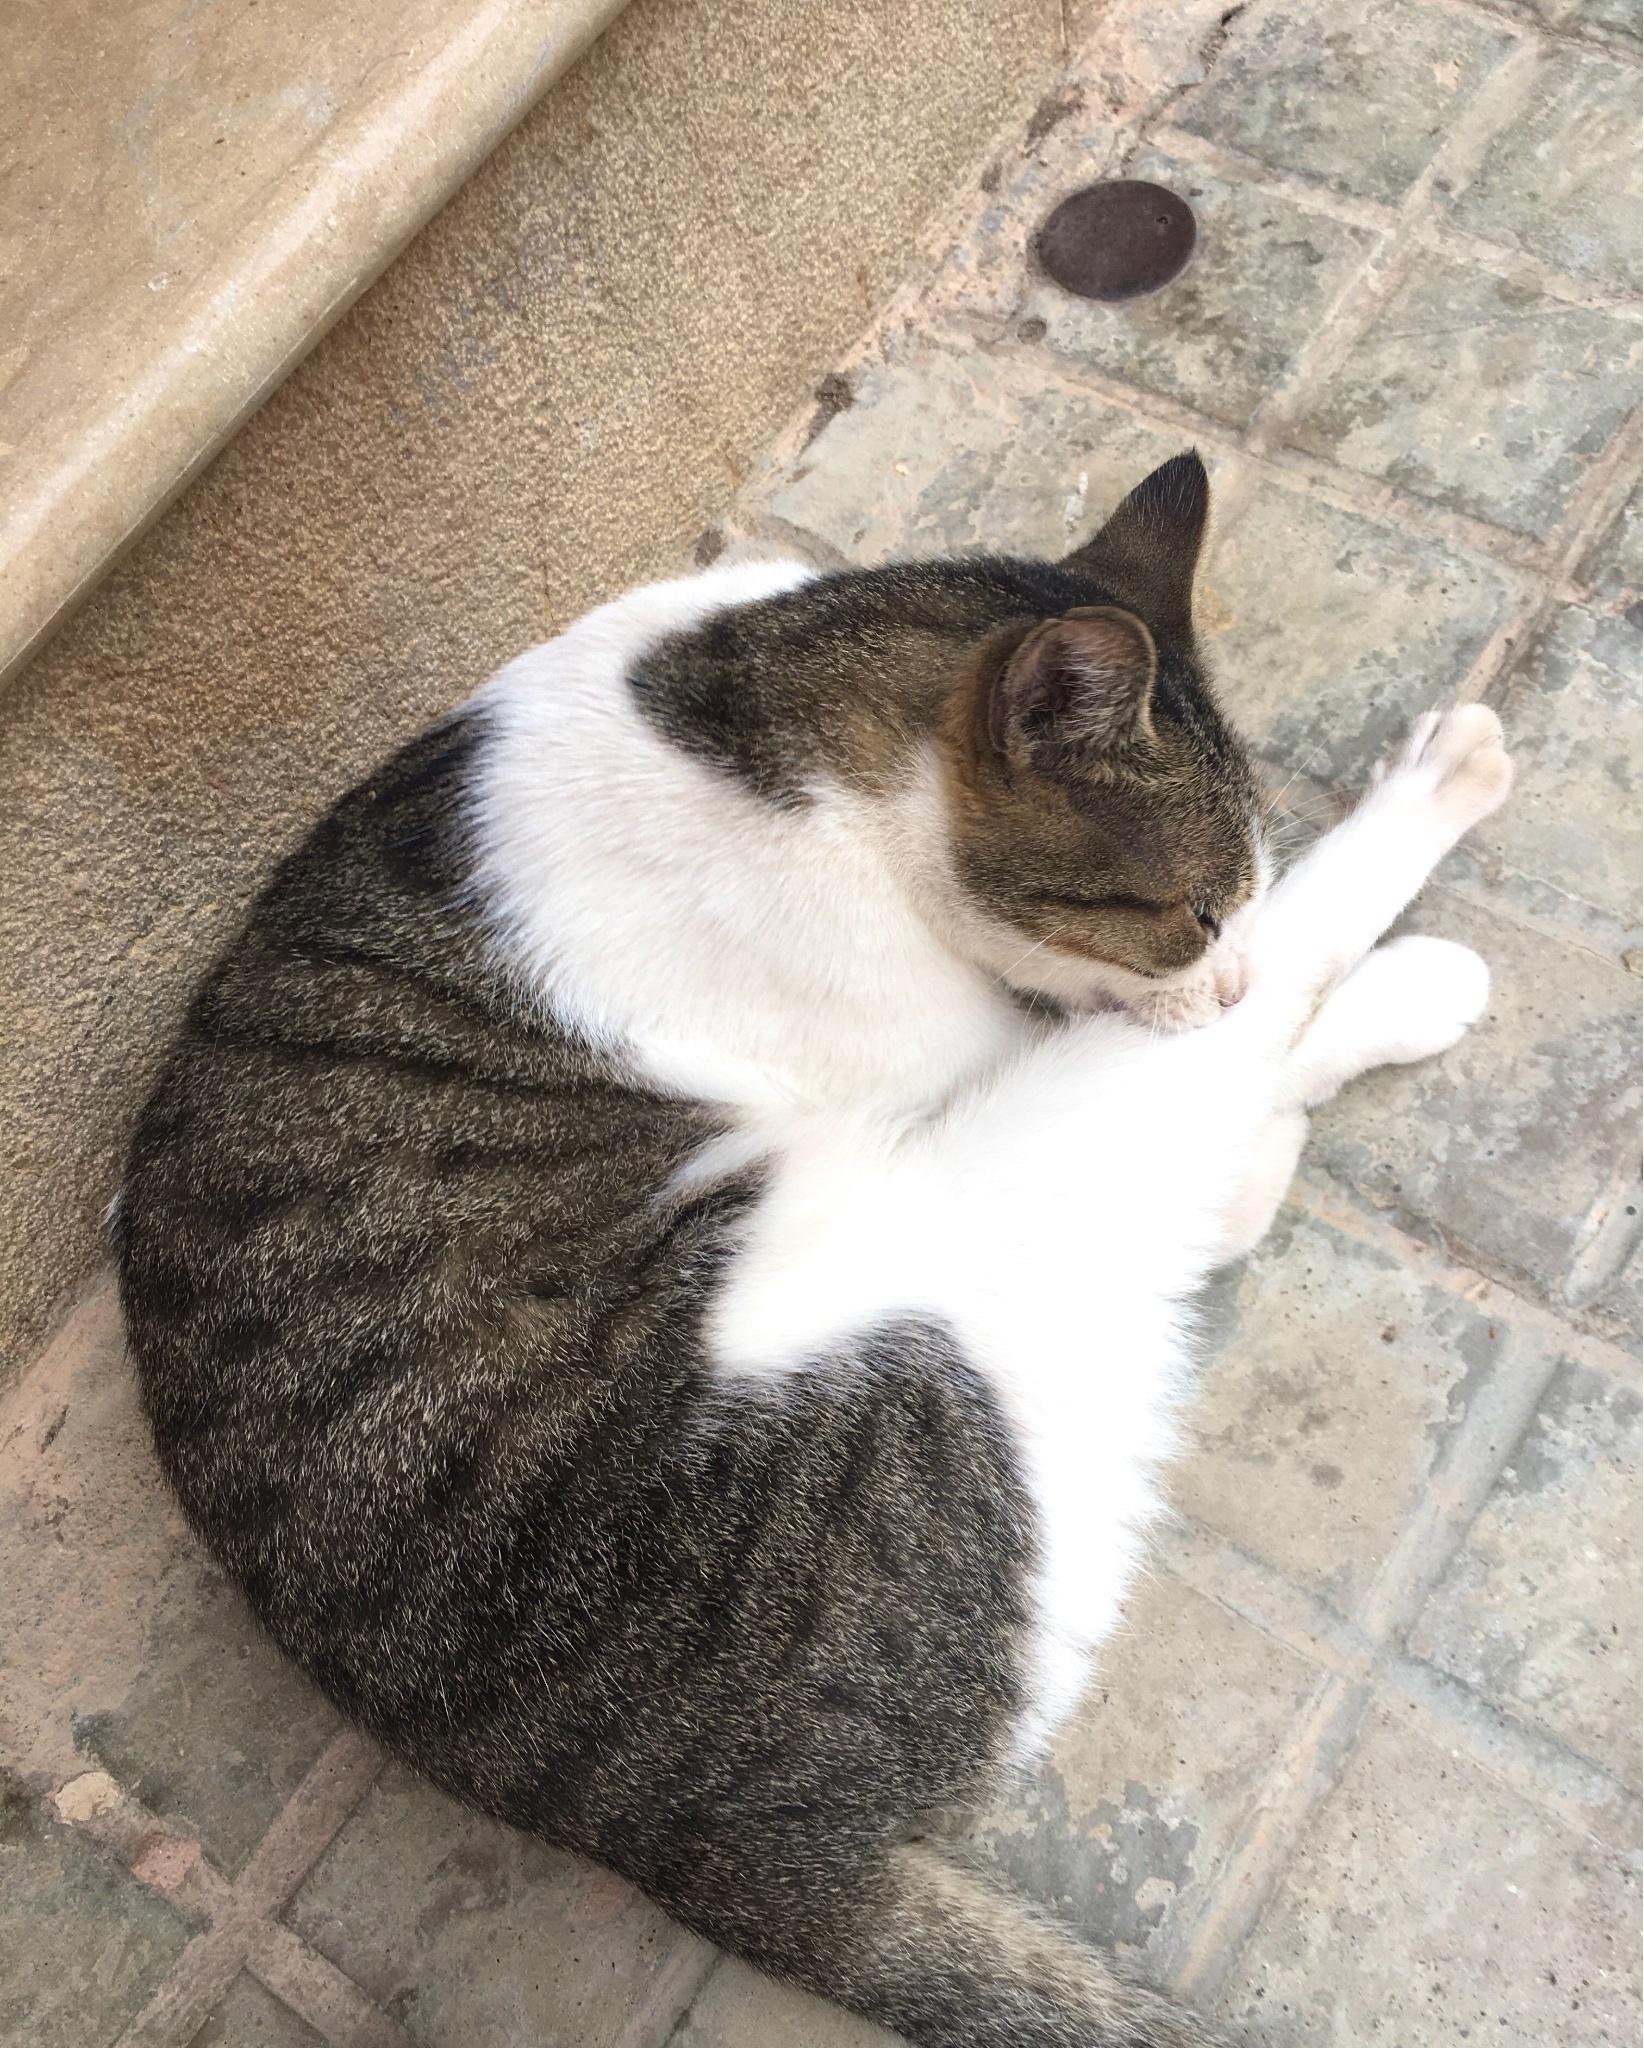 秋陽家 - 日常/嚕貓/有廢該 (ok野生的貓蝦球yo(這隻家貓又來街上浪了XDDD - Plurk